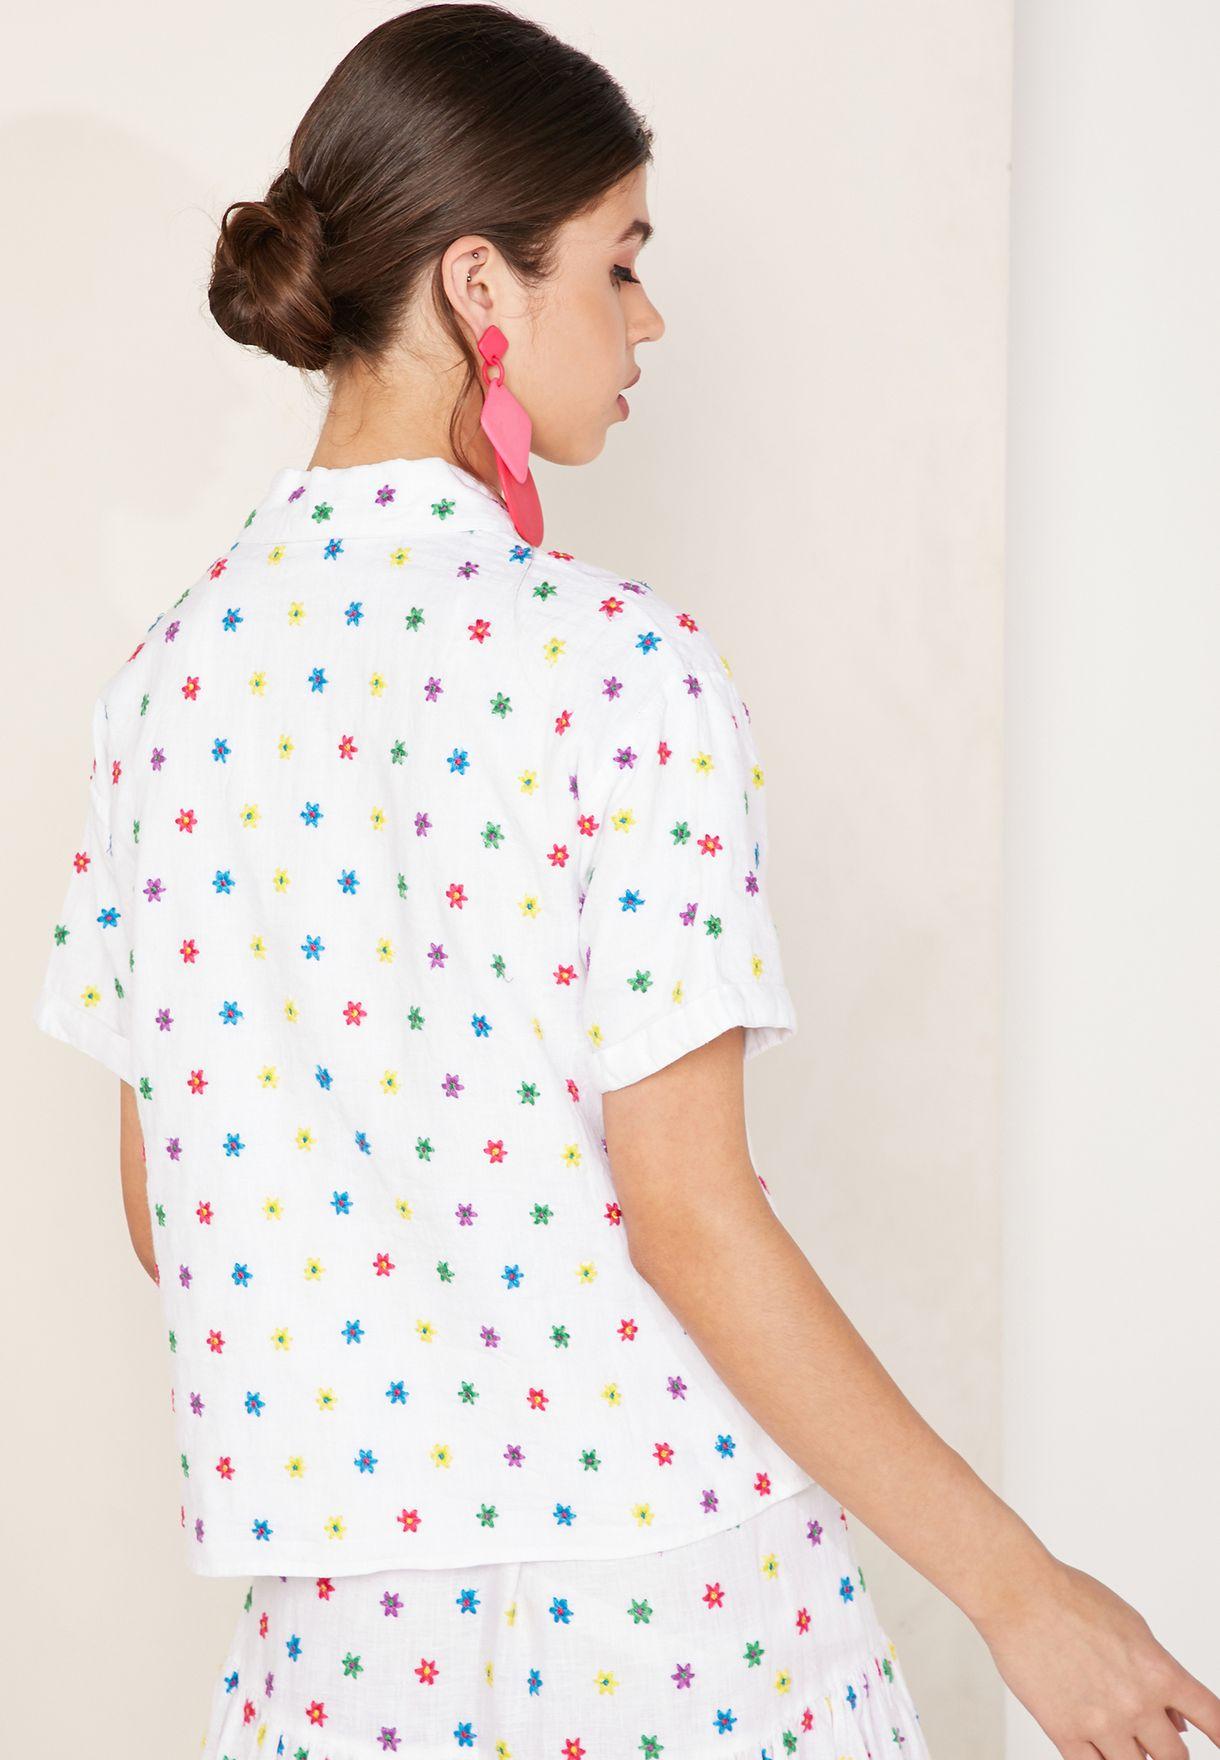 قميص بأكمام قصيرة وطبعات ازهار